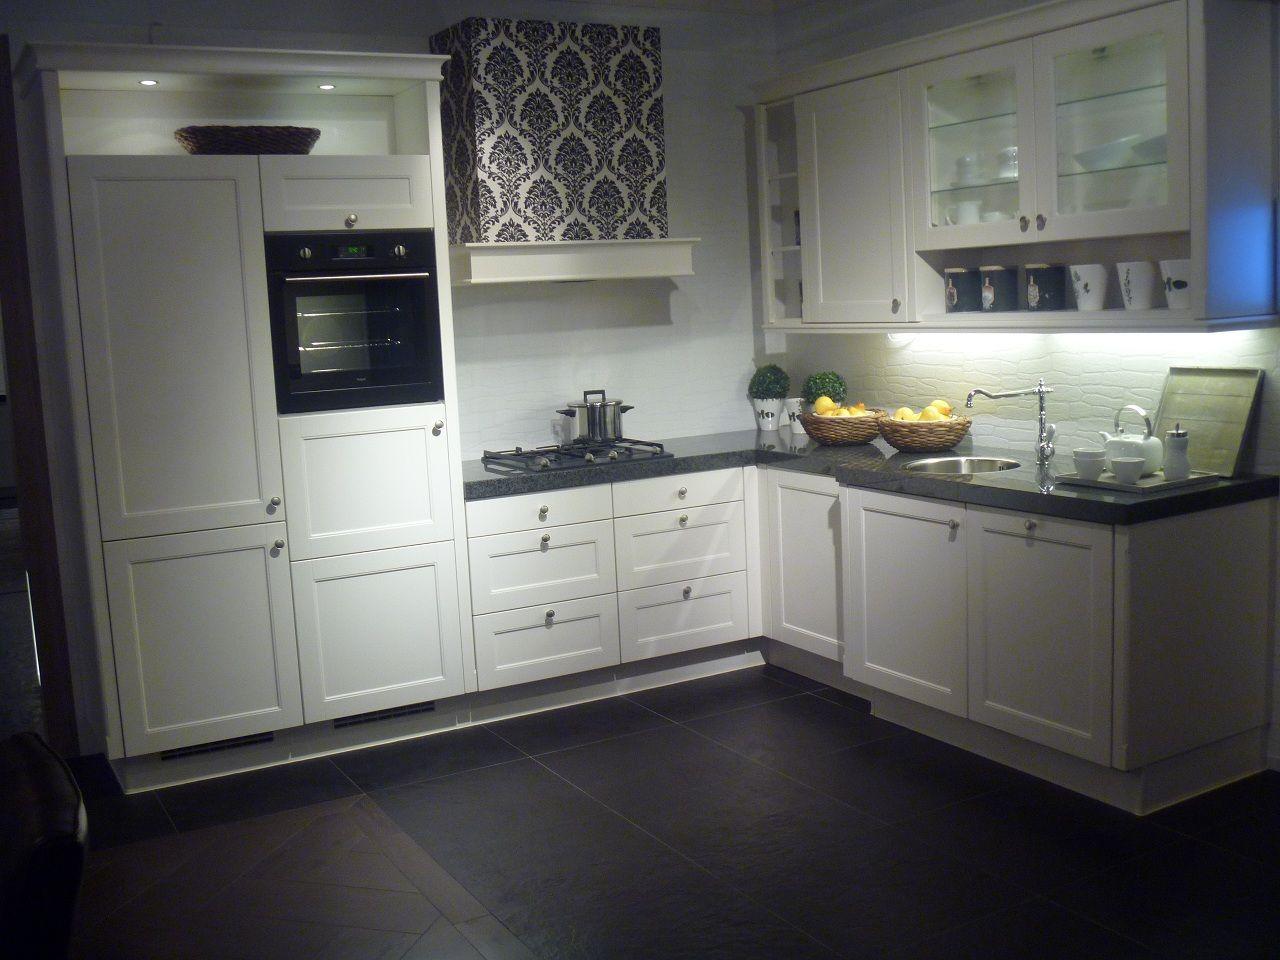 Landelijke Keuken Showroommodel : uit Nederland keukens voor zeer lage keuken prijzen Livorno [51033